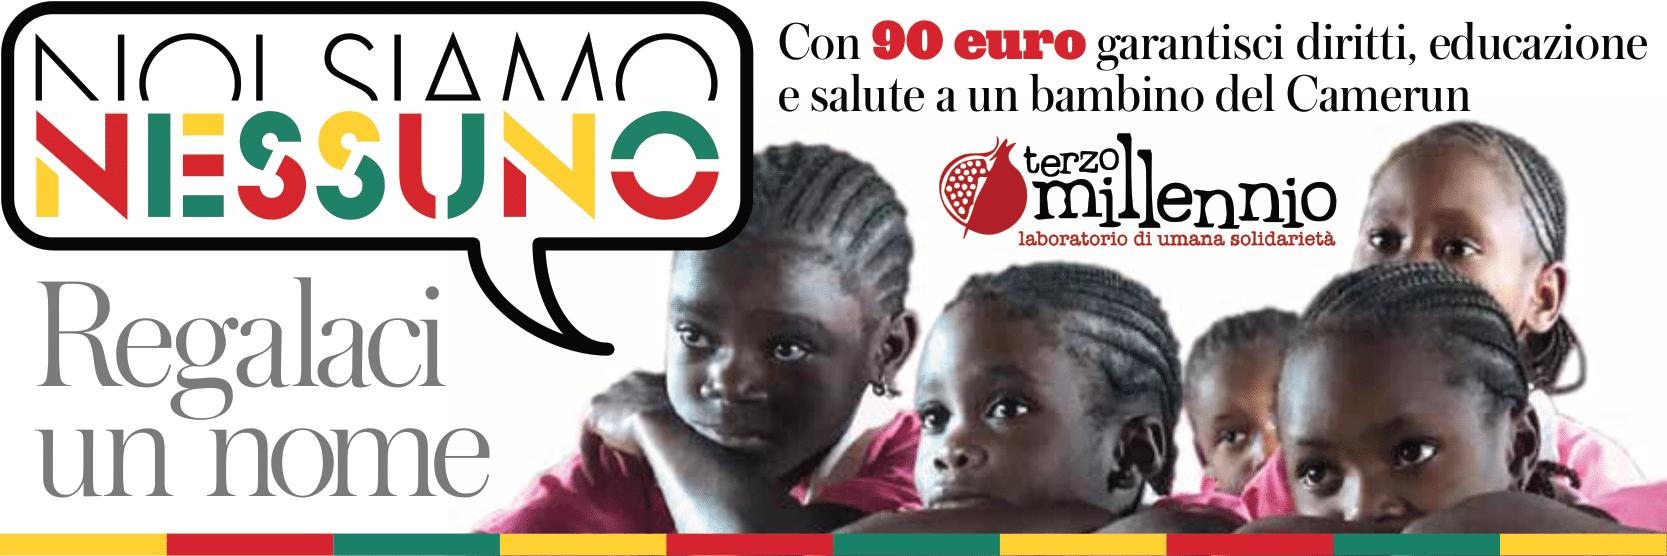 Retour sur la campagne de crowdfunding menée avec l'ONG Terzo Millennio